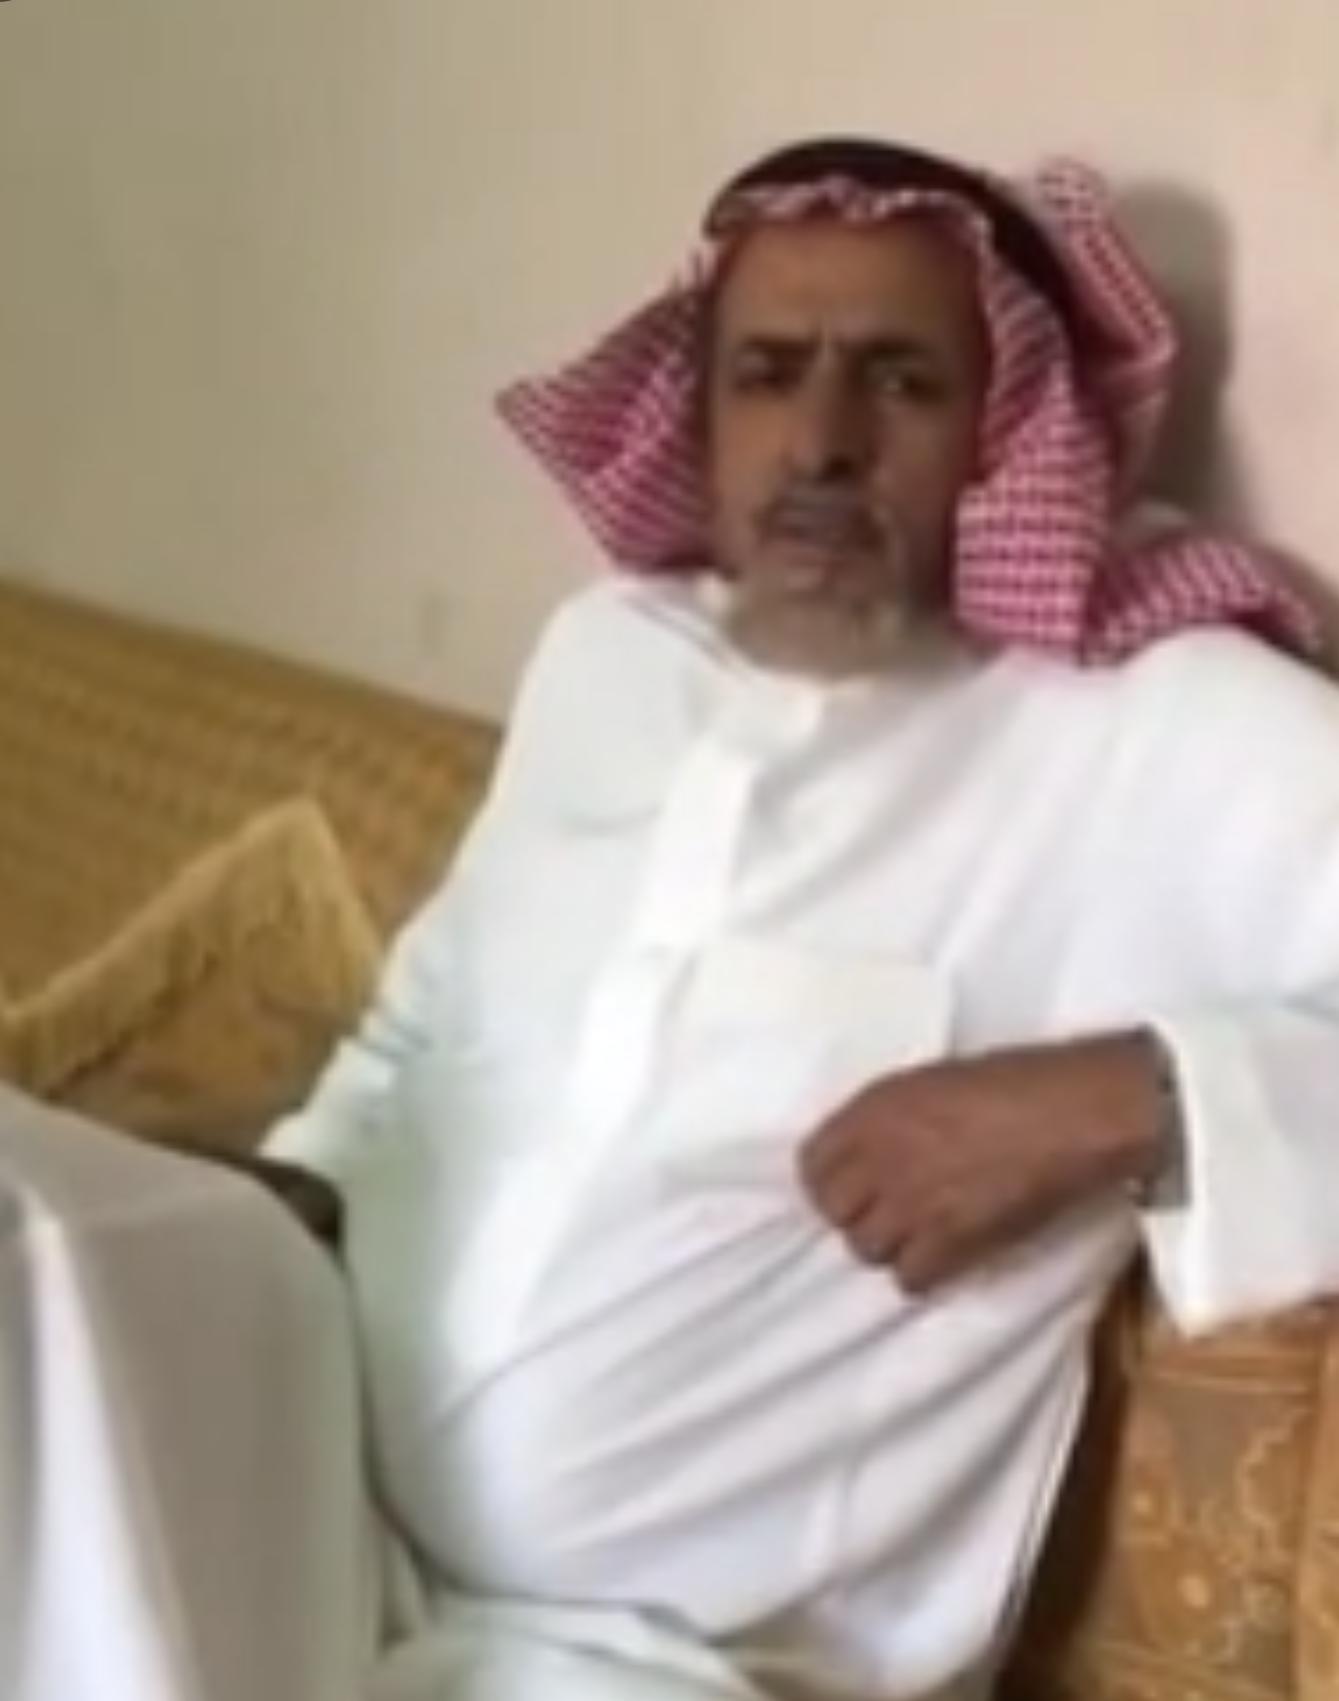 رجل أمن سعودي يتعرض للسحر من خلال صورة عرض الواتس اب و والده يشرح القصة